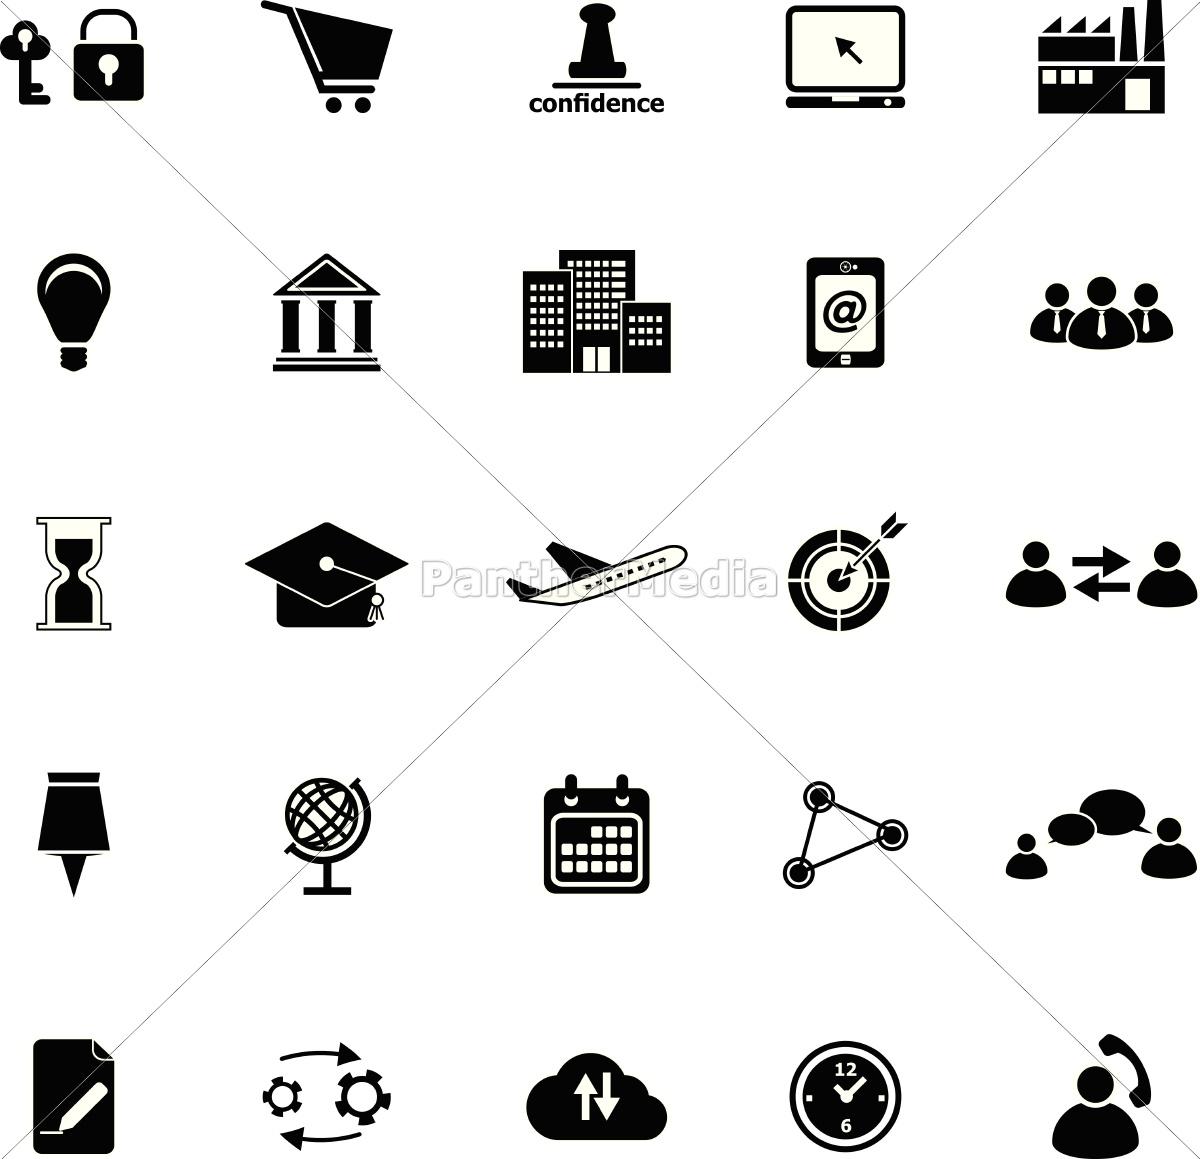 business-verbindung symbole auf weißem hintergrund - Stock Photo ...